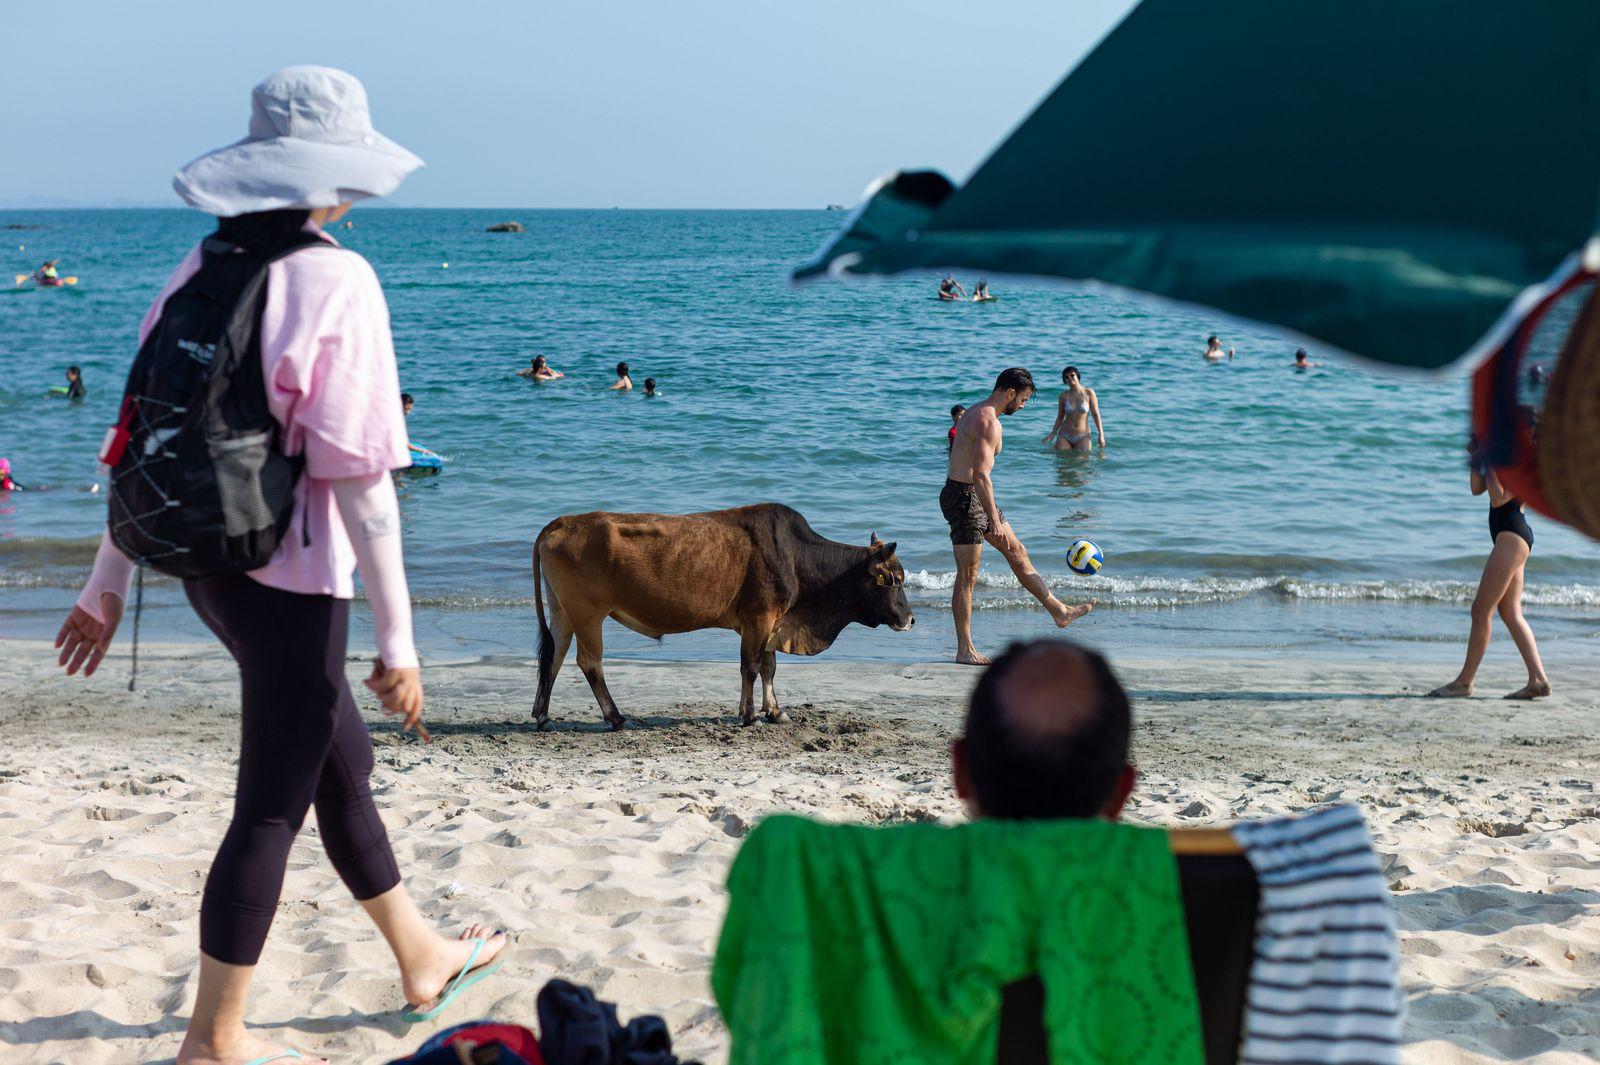 People at the beach in Hong Kong, China - 02 May 2020